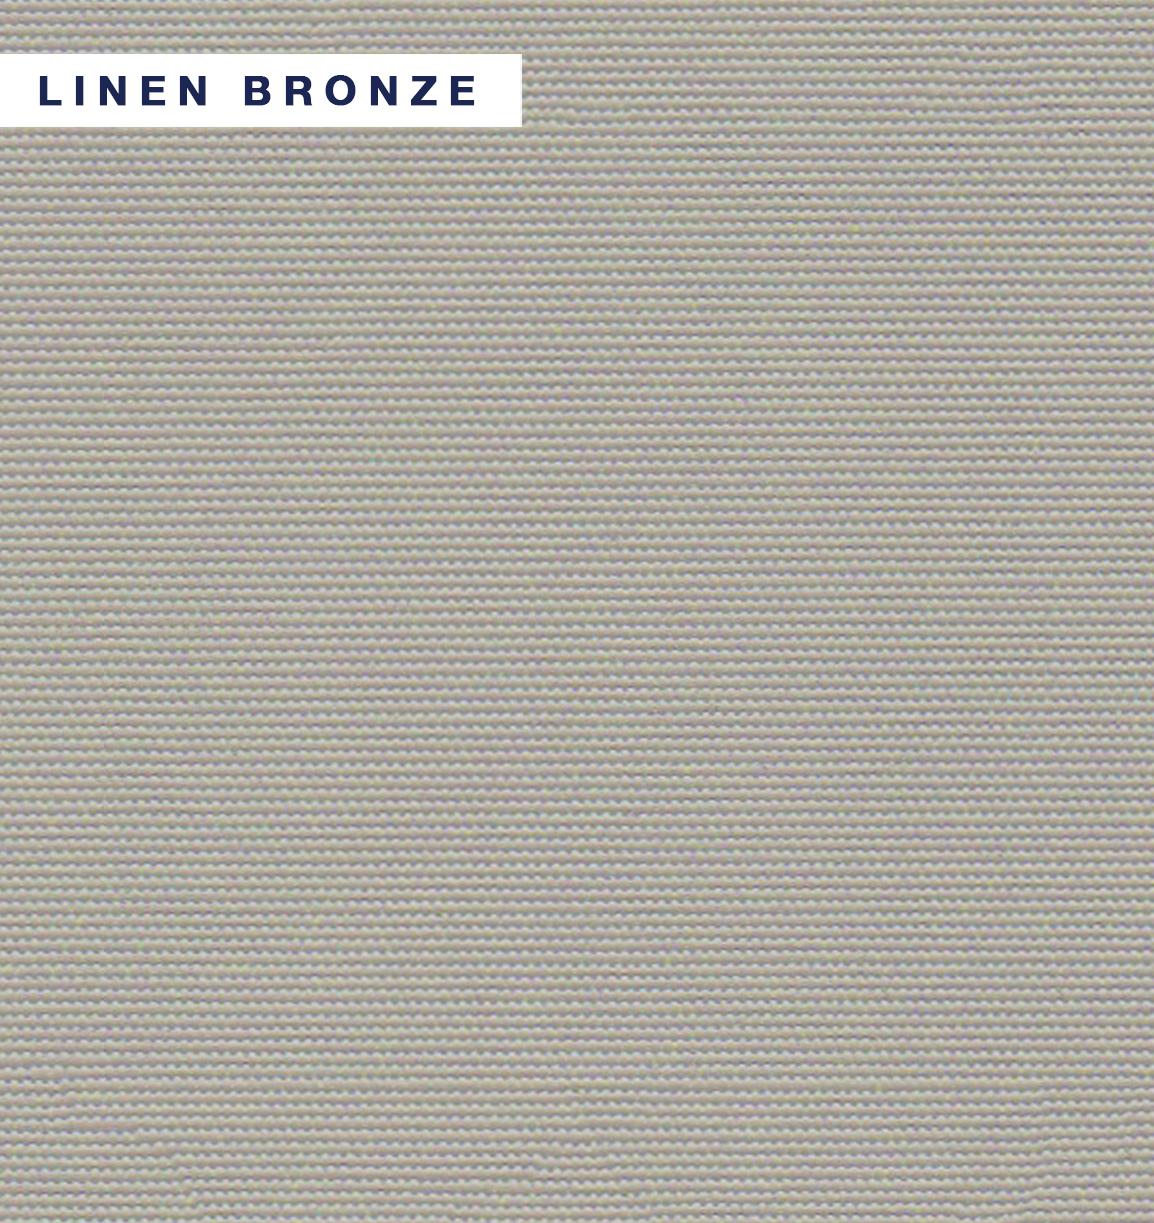 One Block - Linen Bronze.jpg